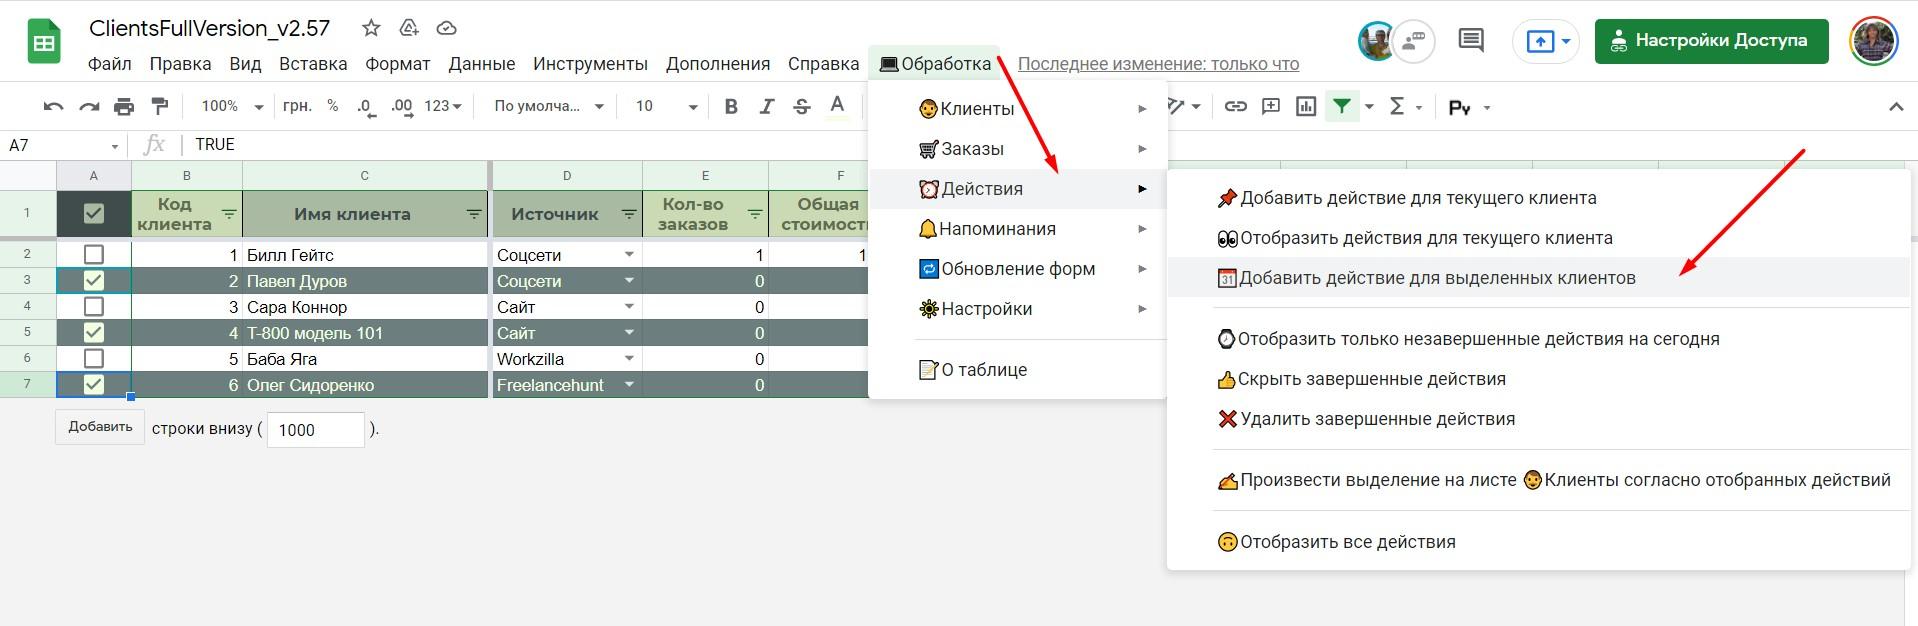 СРМ в Гугл таблице: действие для группы